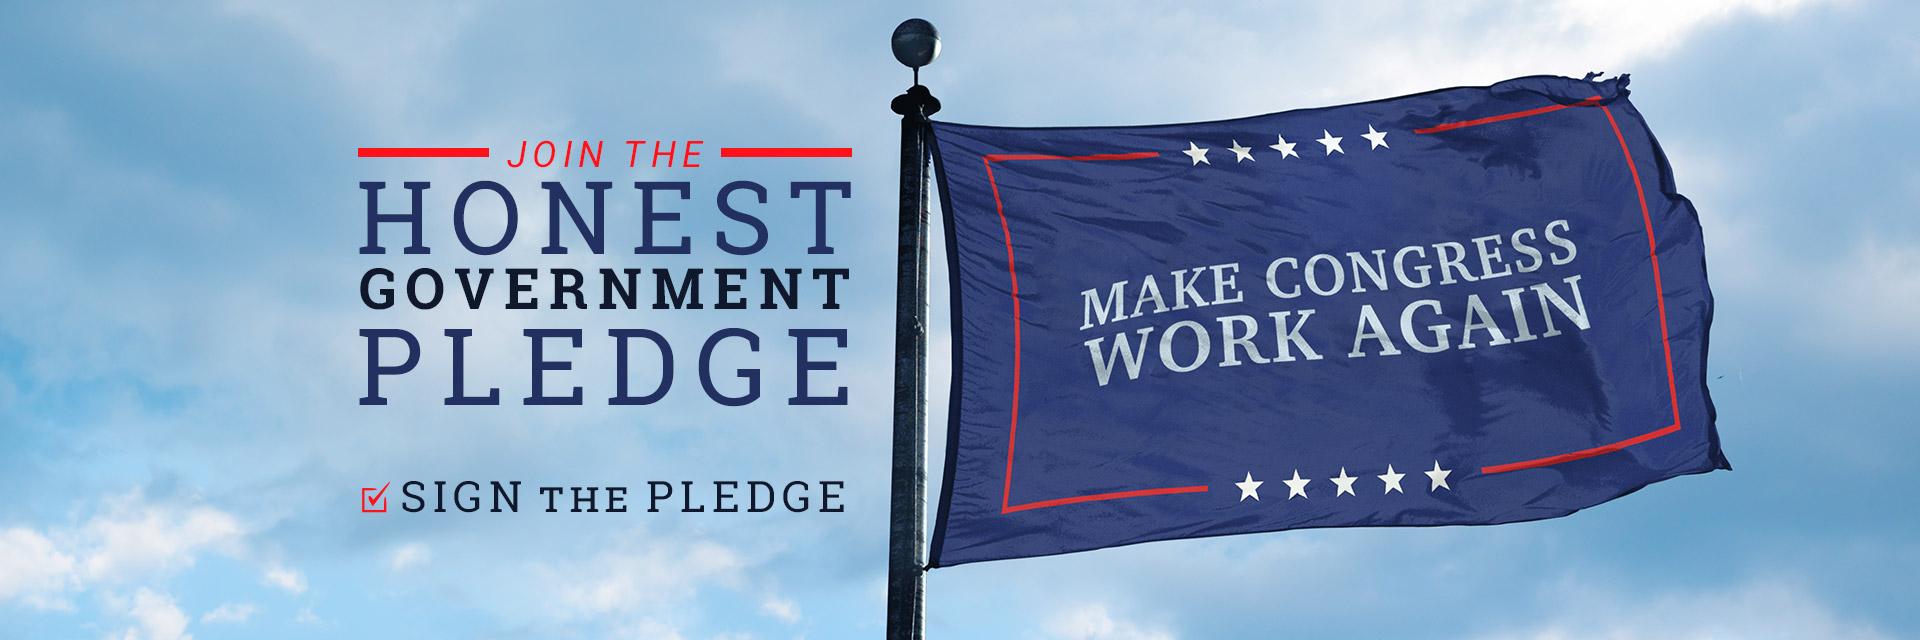 Honest-Government-Pledge-Slider